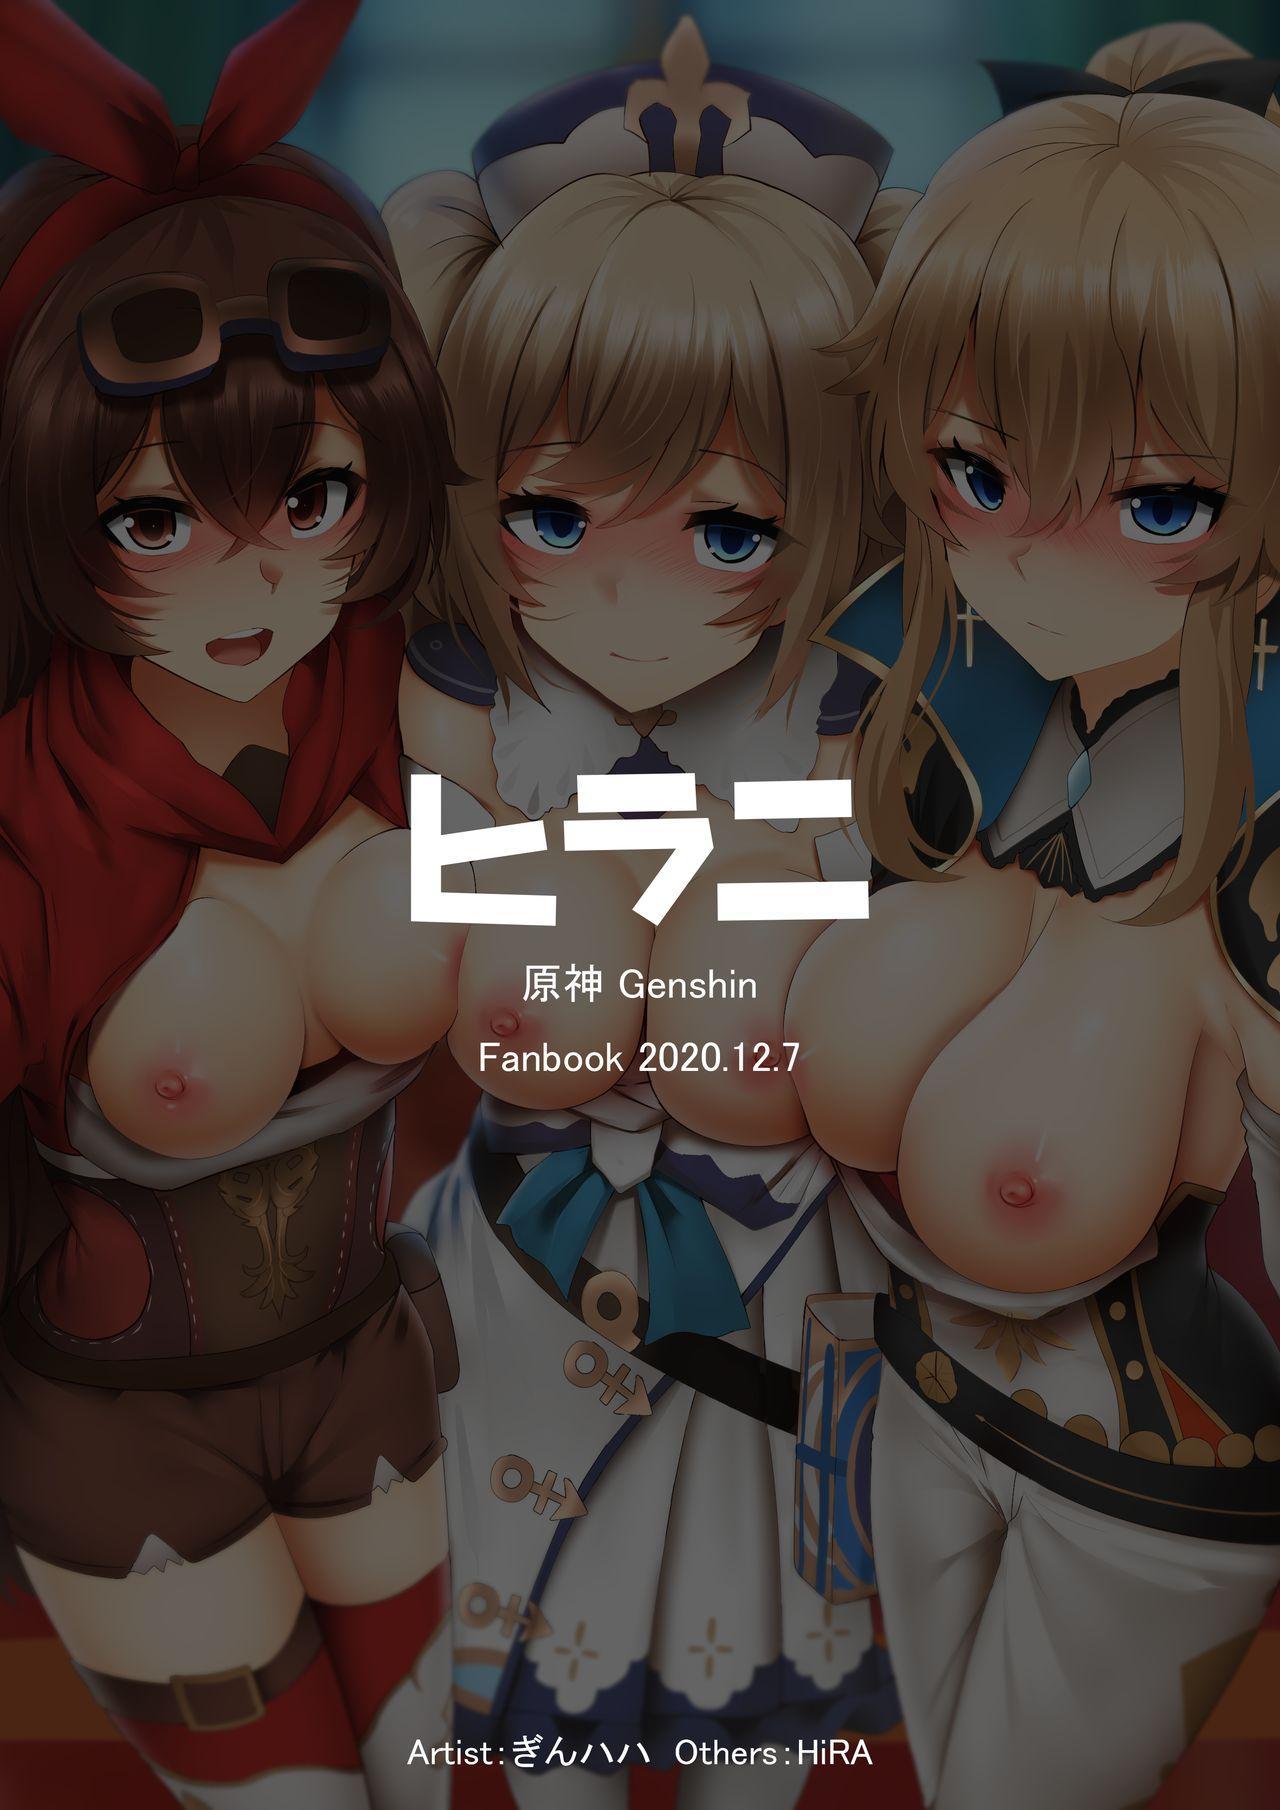 [Ginhaha] Mondo no Otome-tachi - Girls of Mondo   Girls of Mondstadt (Genshin Impact) [English] [Hentai_Doctor] 24